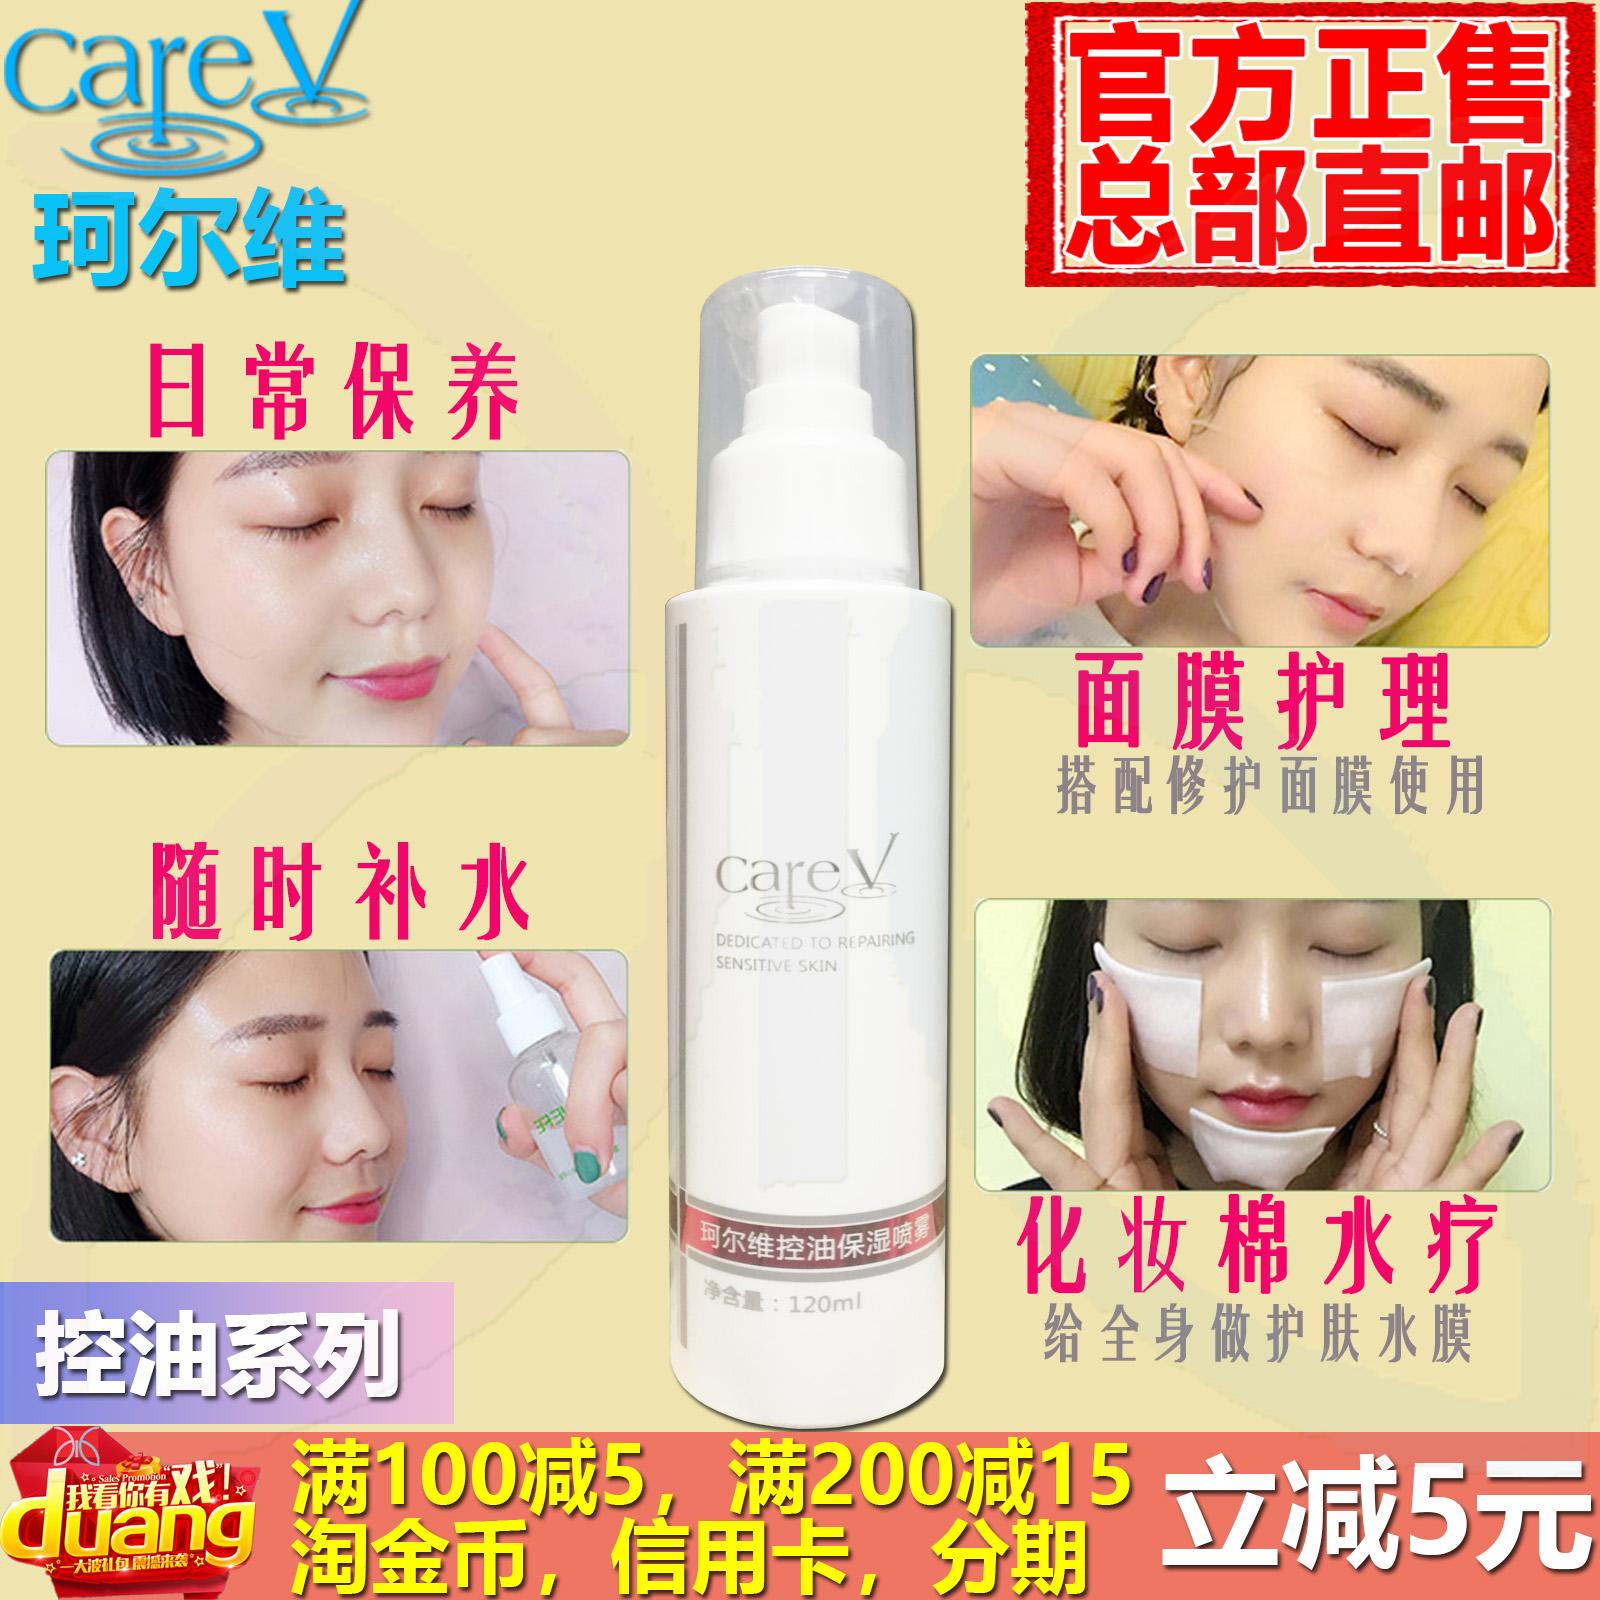 美连梦CareV珂尔维控油保湿喷雾 修复舒缓调理补充水分过敏感肌肤